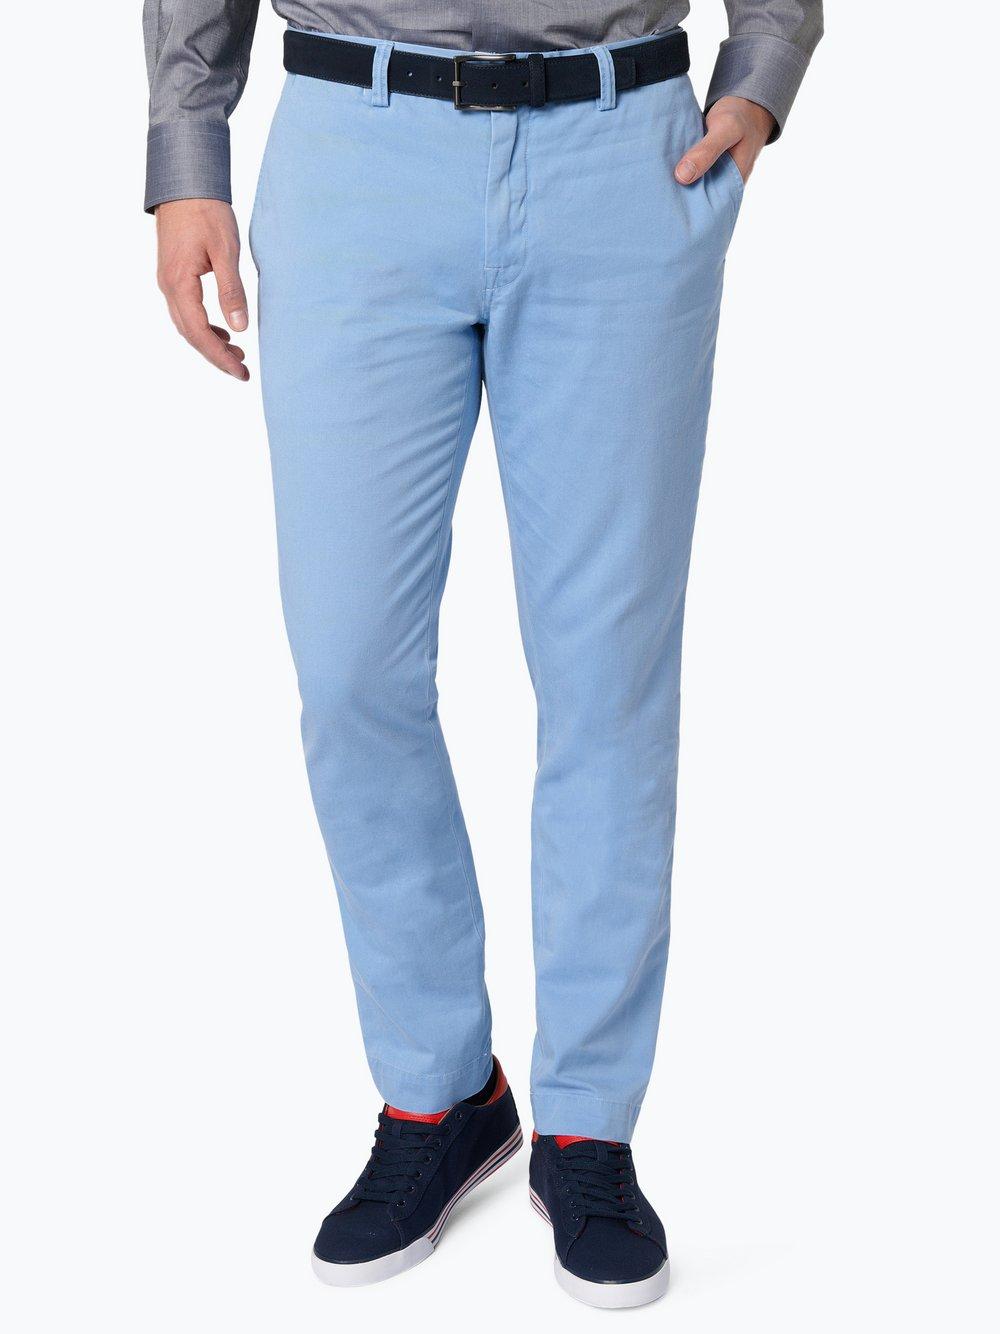 Polo Ralph Lauren Herren Chinohose - Bedford  2  online kaufen ... 49bb820365